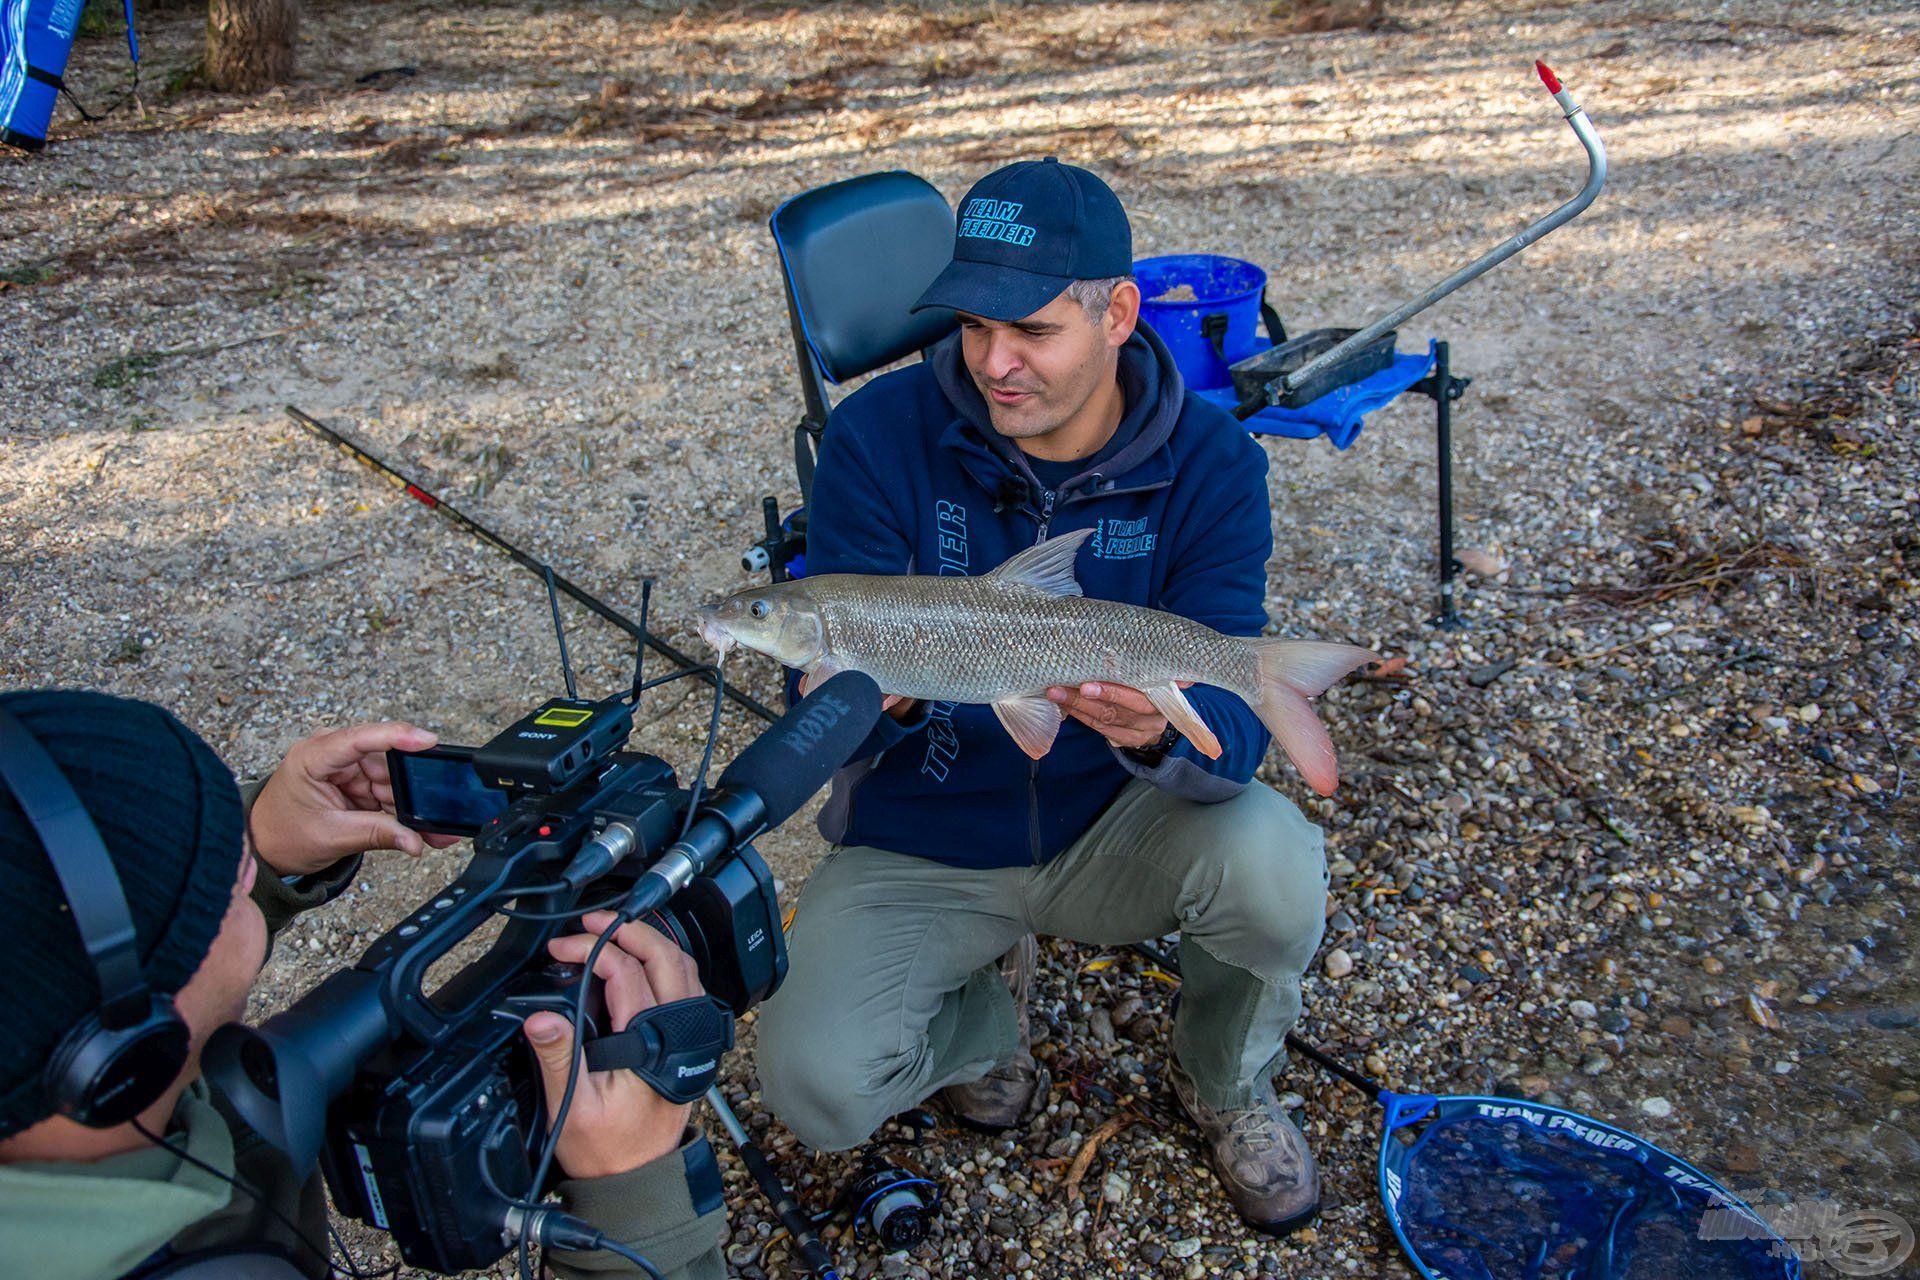 A horgászatról és a technika bemutatásáról látványos film is készült. Jó szórakozást kívánok hozzá!